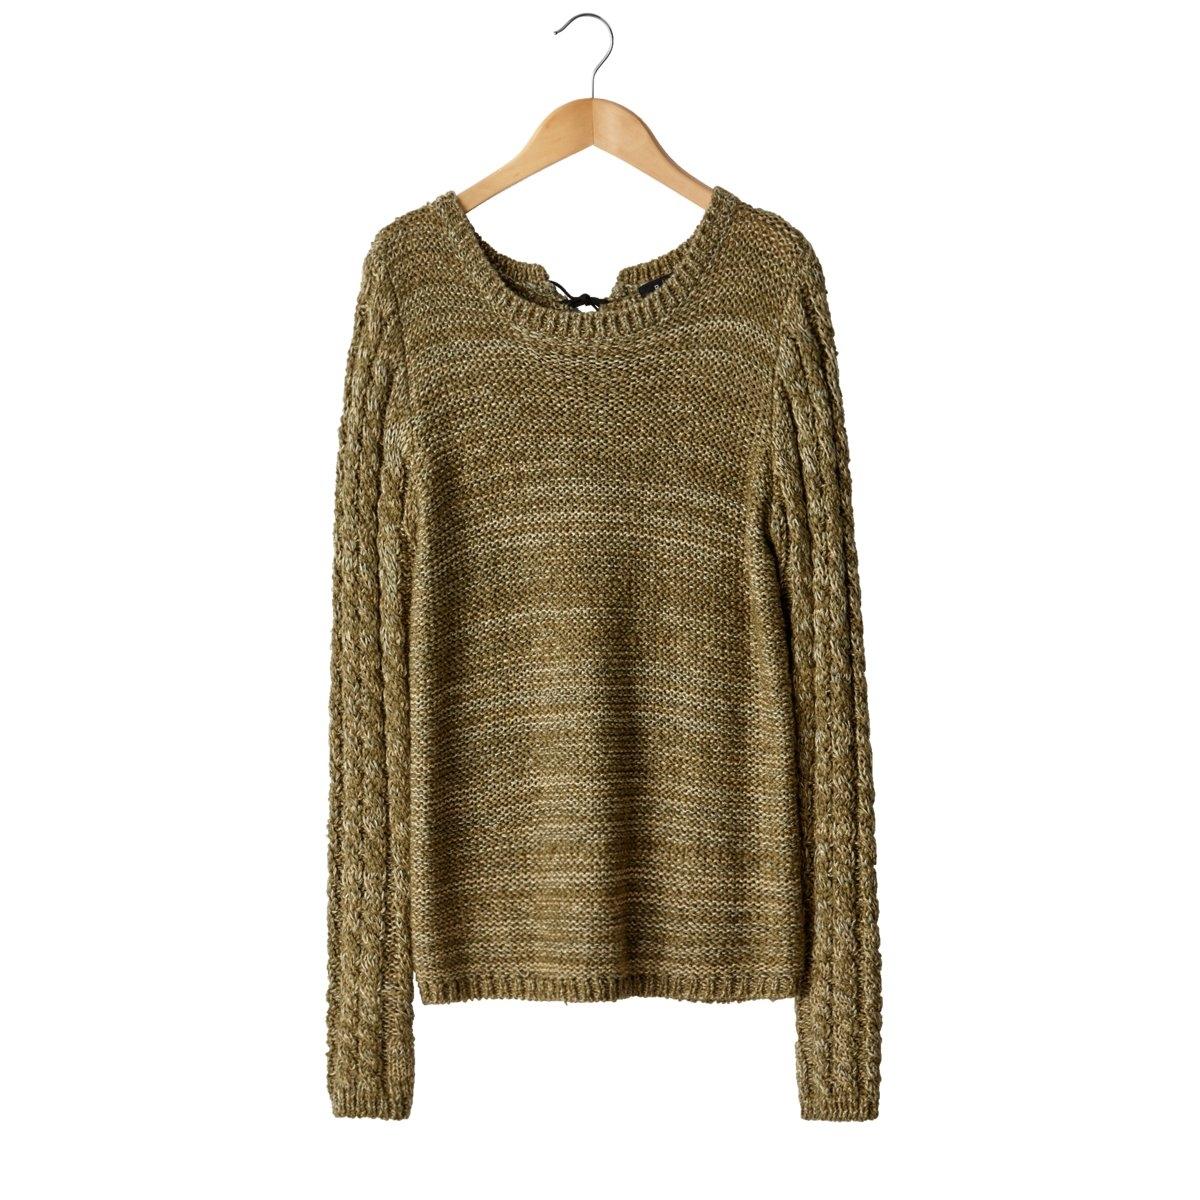 Пуловер со шнуровкой сзади<br><br>Цвет: хаки,черный<br>Размер: 50/52 (FR) - 56/58 (RUS).50/52 (FR) - 56/58 (RUS)